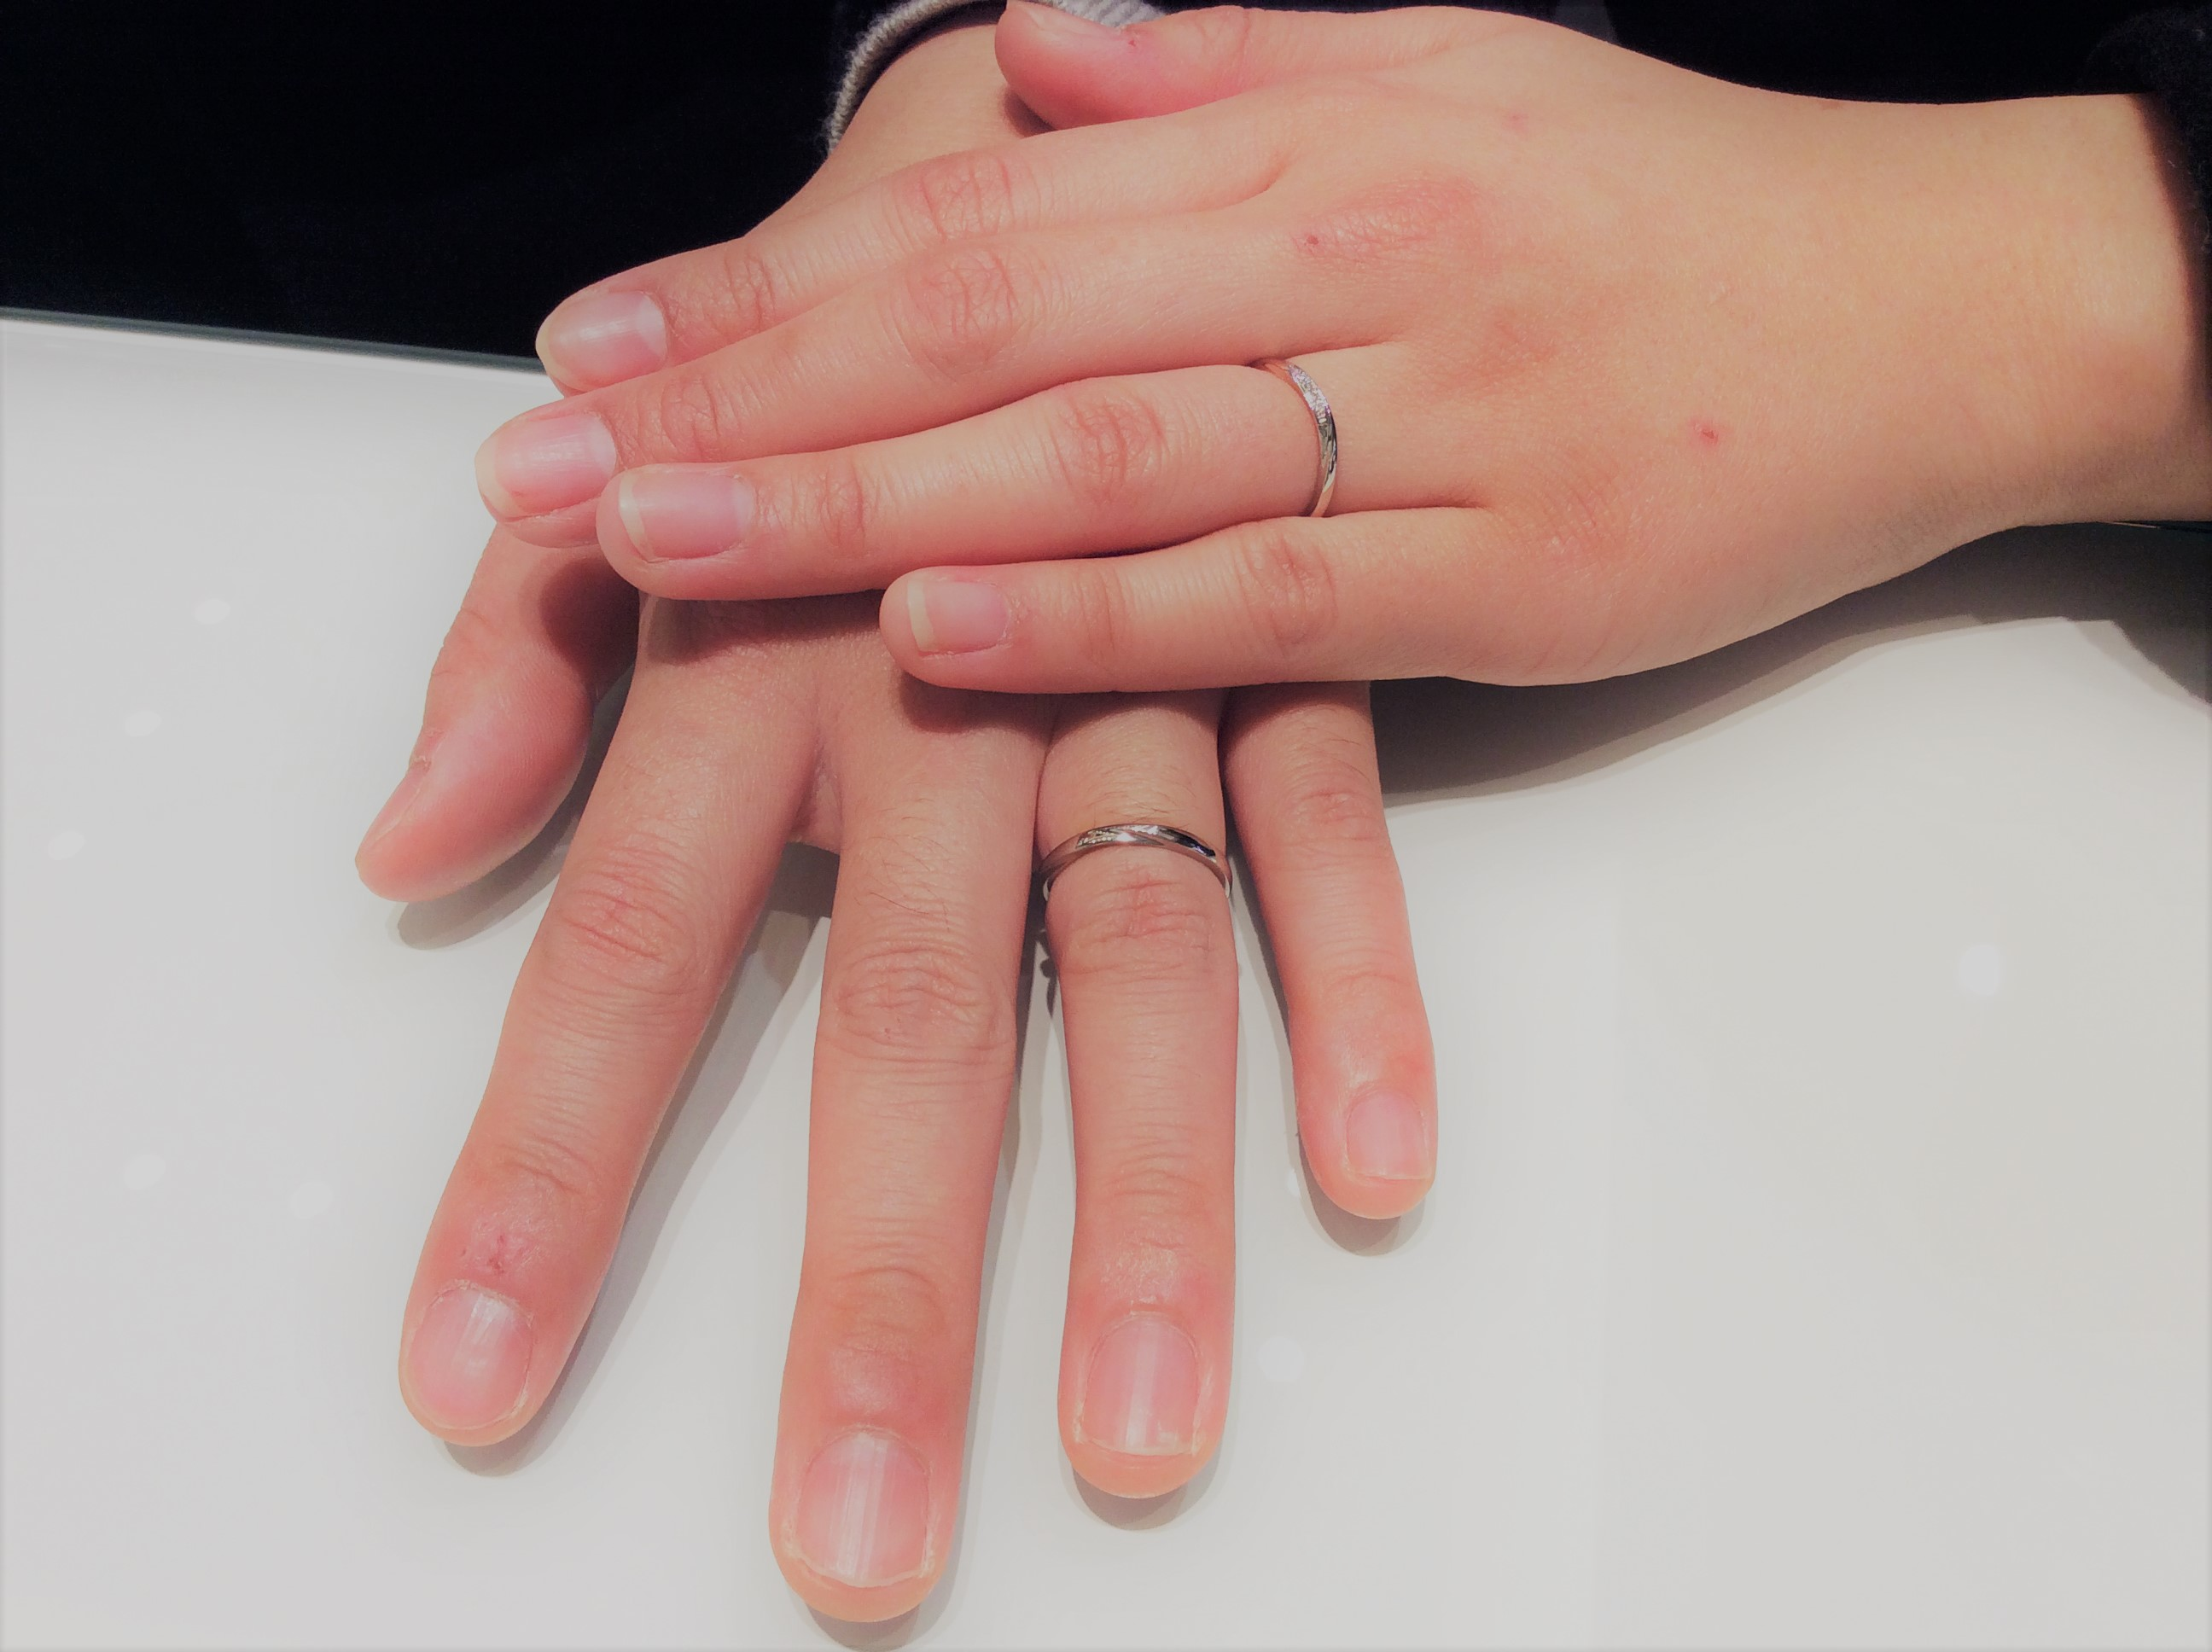 俄(NIWAKA)のご結婚指輪『雪佳景』(見附市・加茂市 / 早川様ご夫婦)